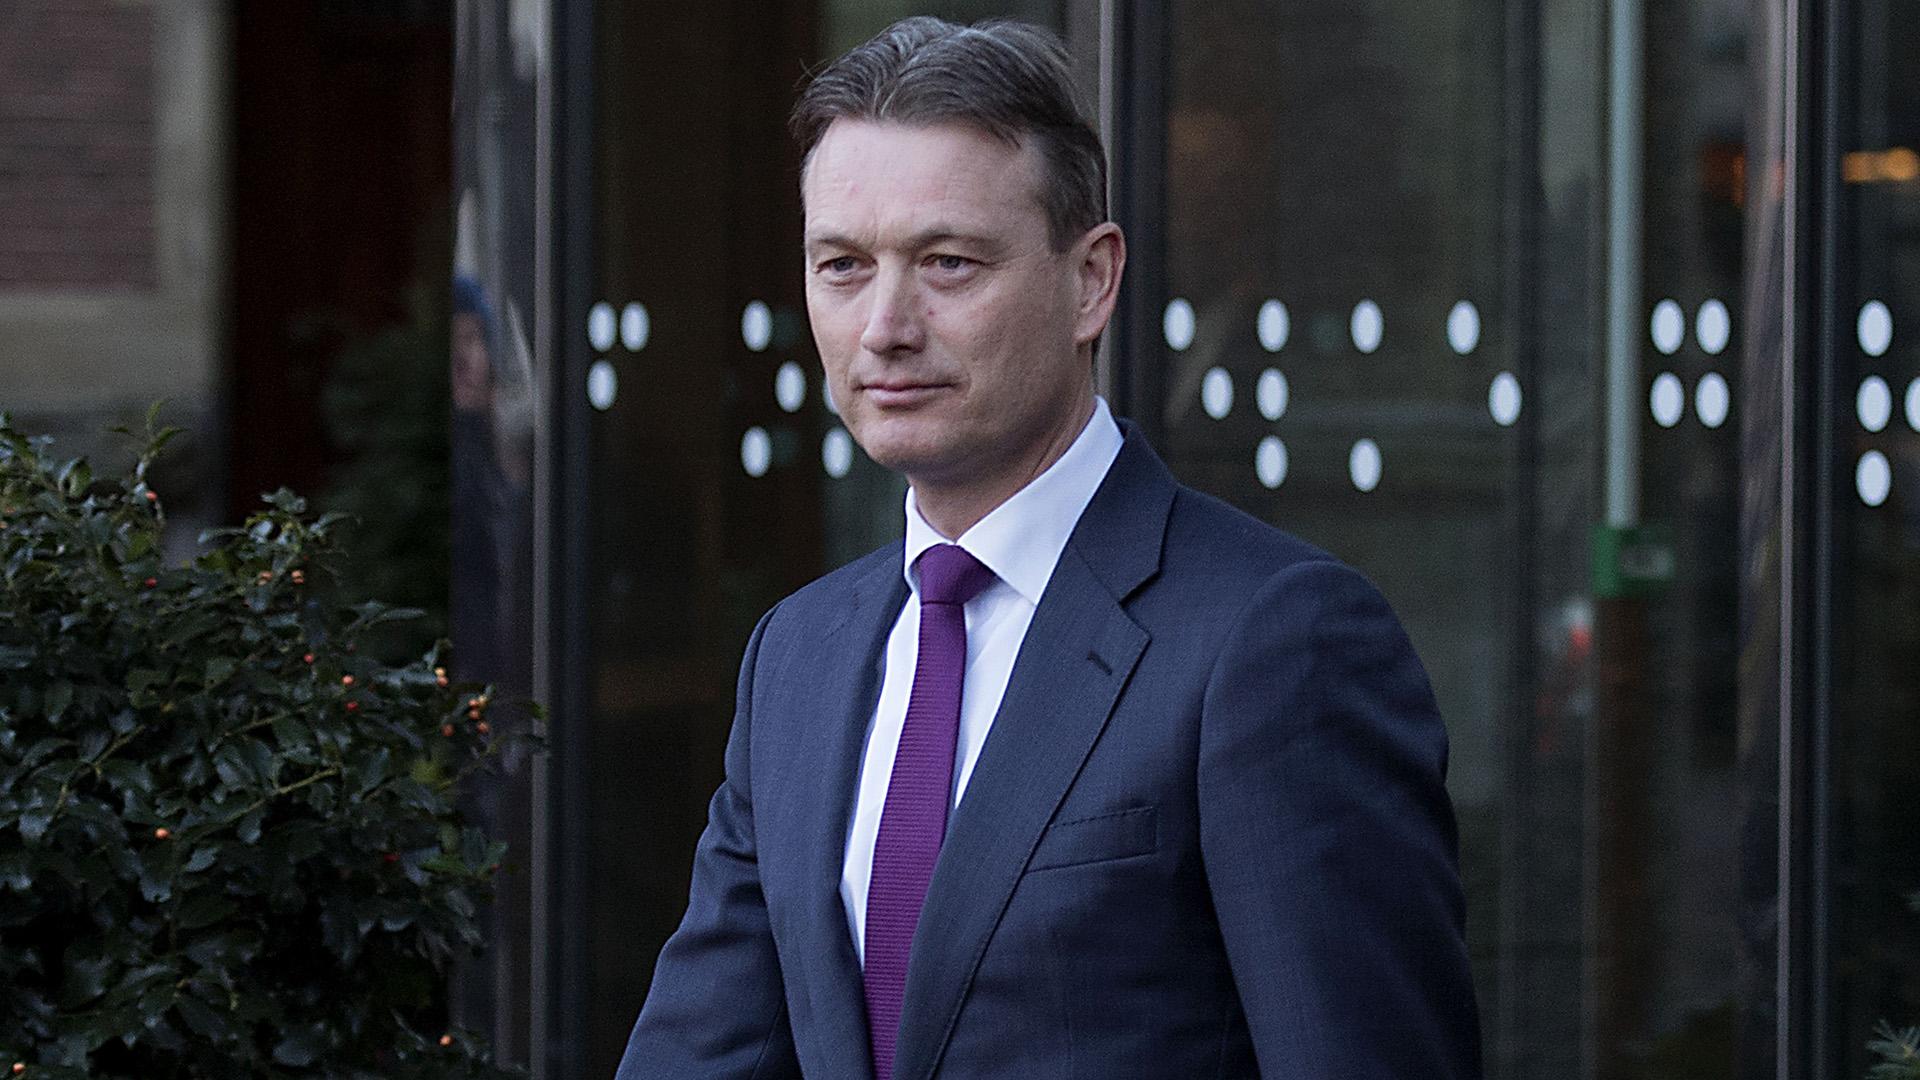 El ministro de exteriores de Holanda, Halbe Zijlstra, presentó su renuncia (AFP)